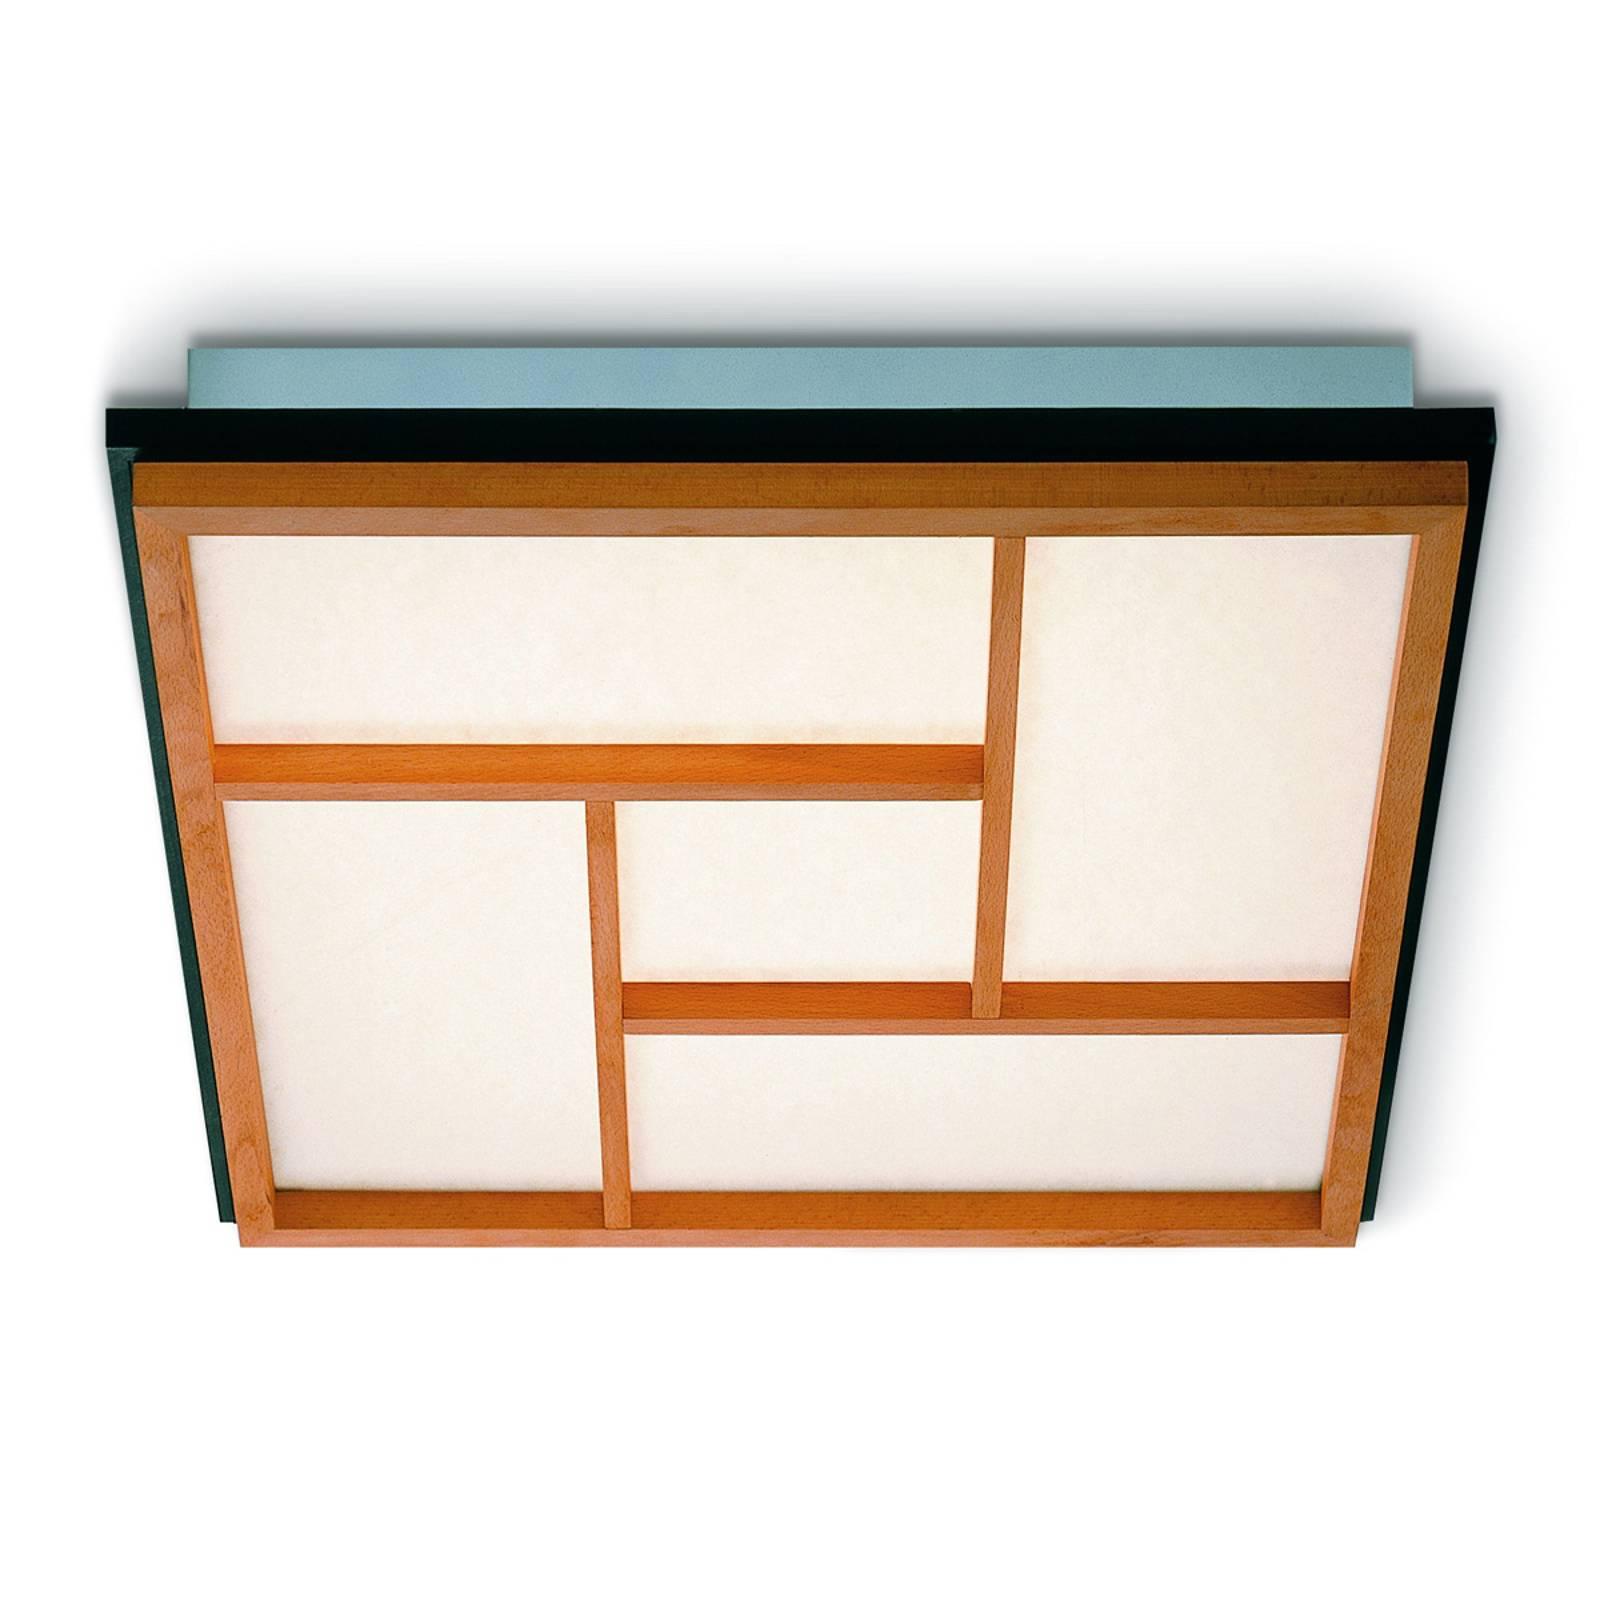 KIOTO 5 - lampa sufitowa LED z drewna bukowego